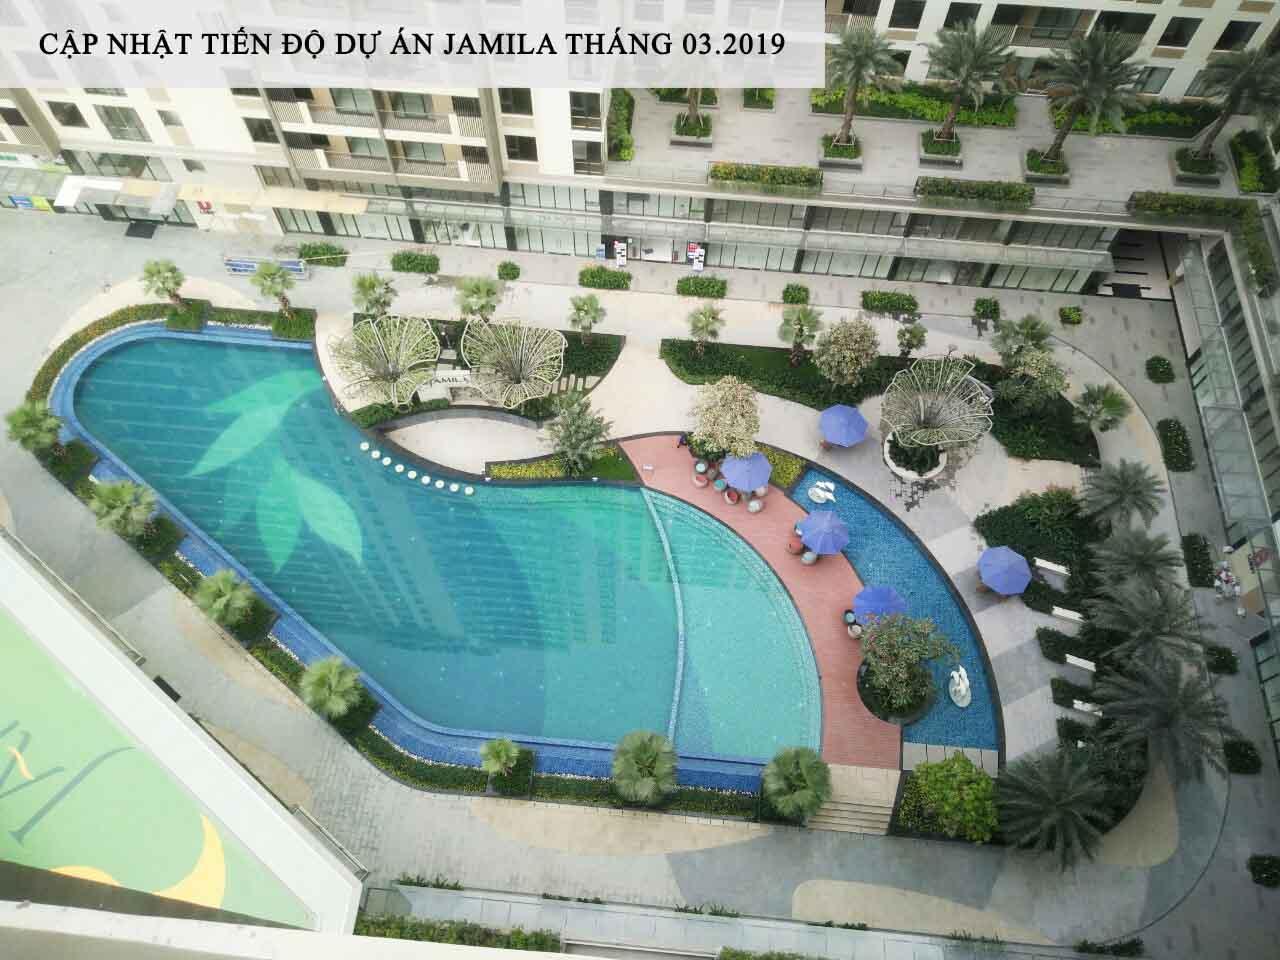 Hồ bơi rộng 850m2 tại dự án căn hộ Jamila Khang Điền Quận 9 - Khang Điền HCM